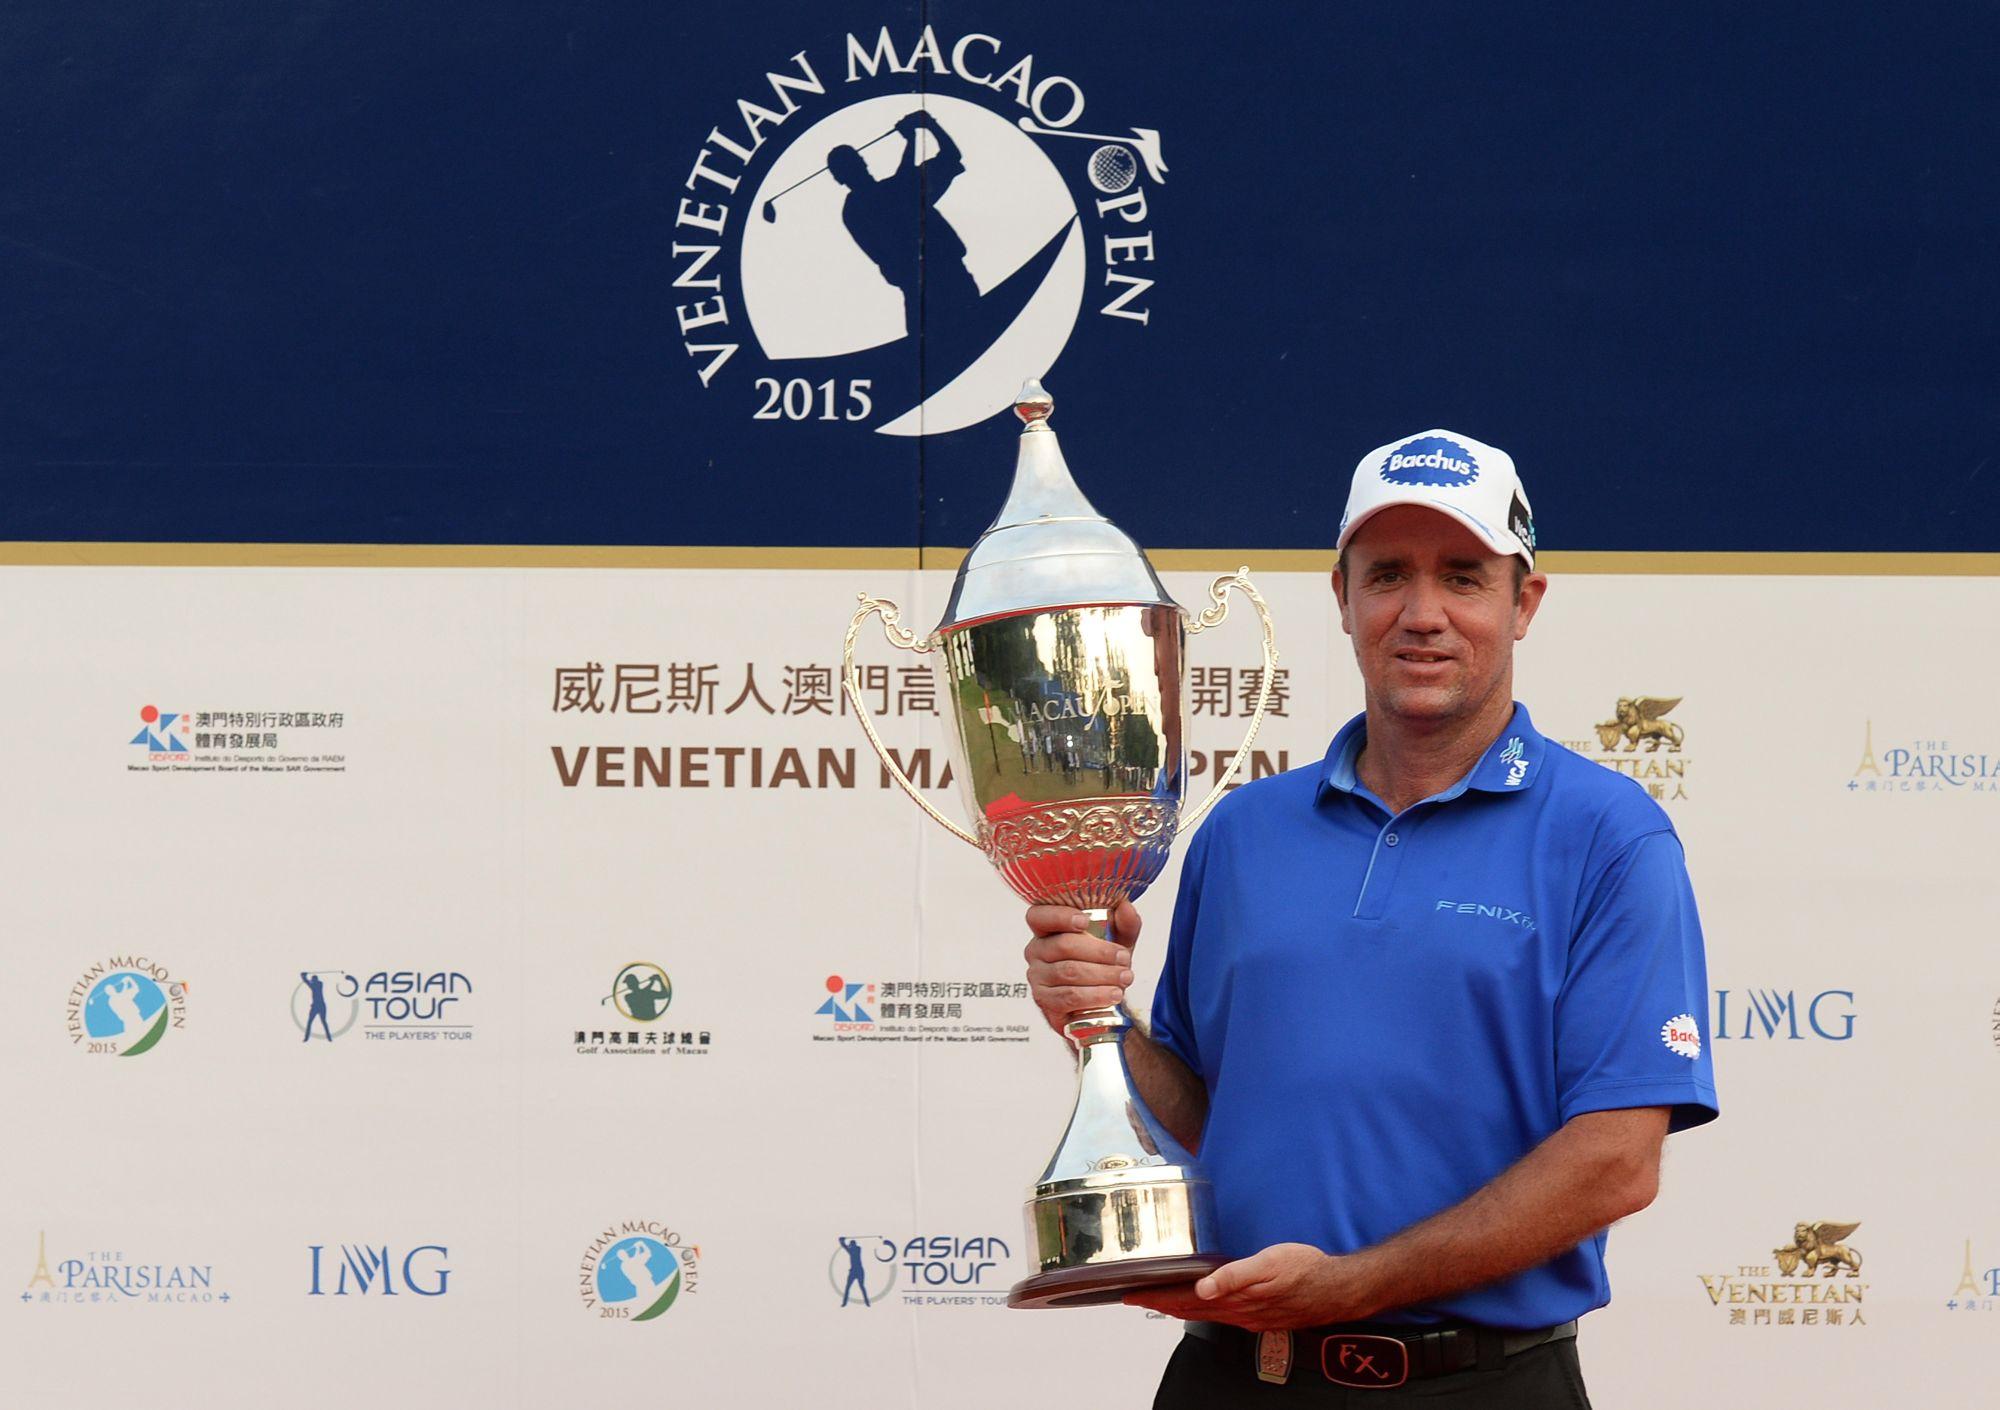 Venetian Macao Open 2015